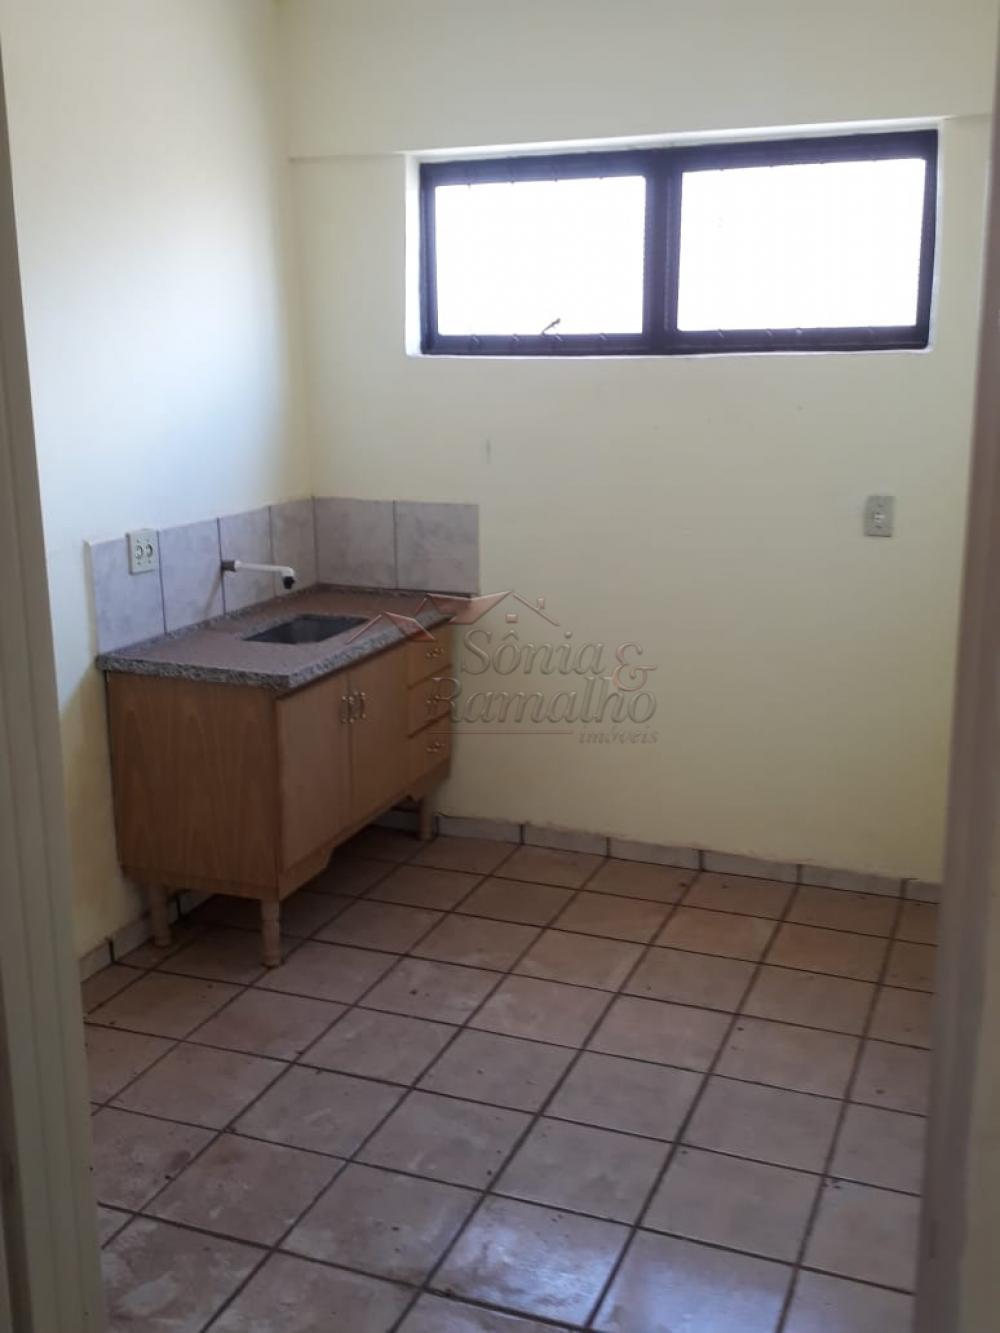 Comprar Casas / Padrão em Ribeirão Preto apenas R$ 200.000,00 - Foto 6